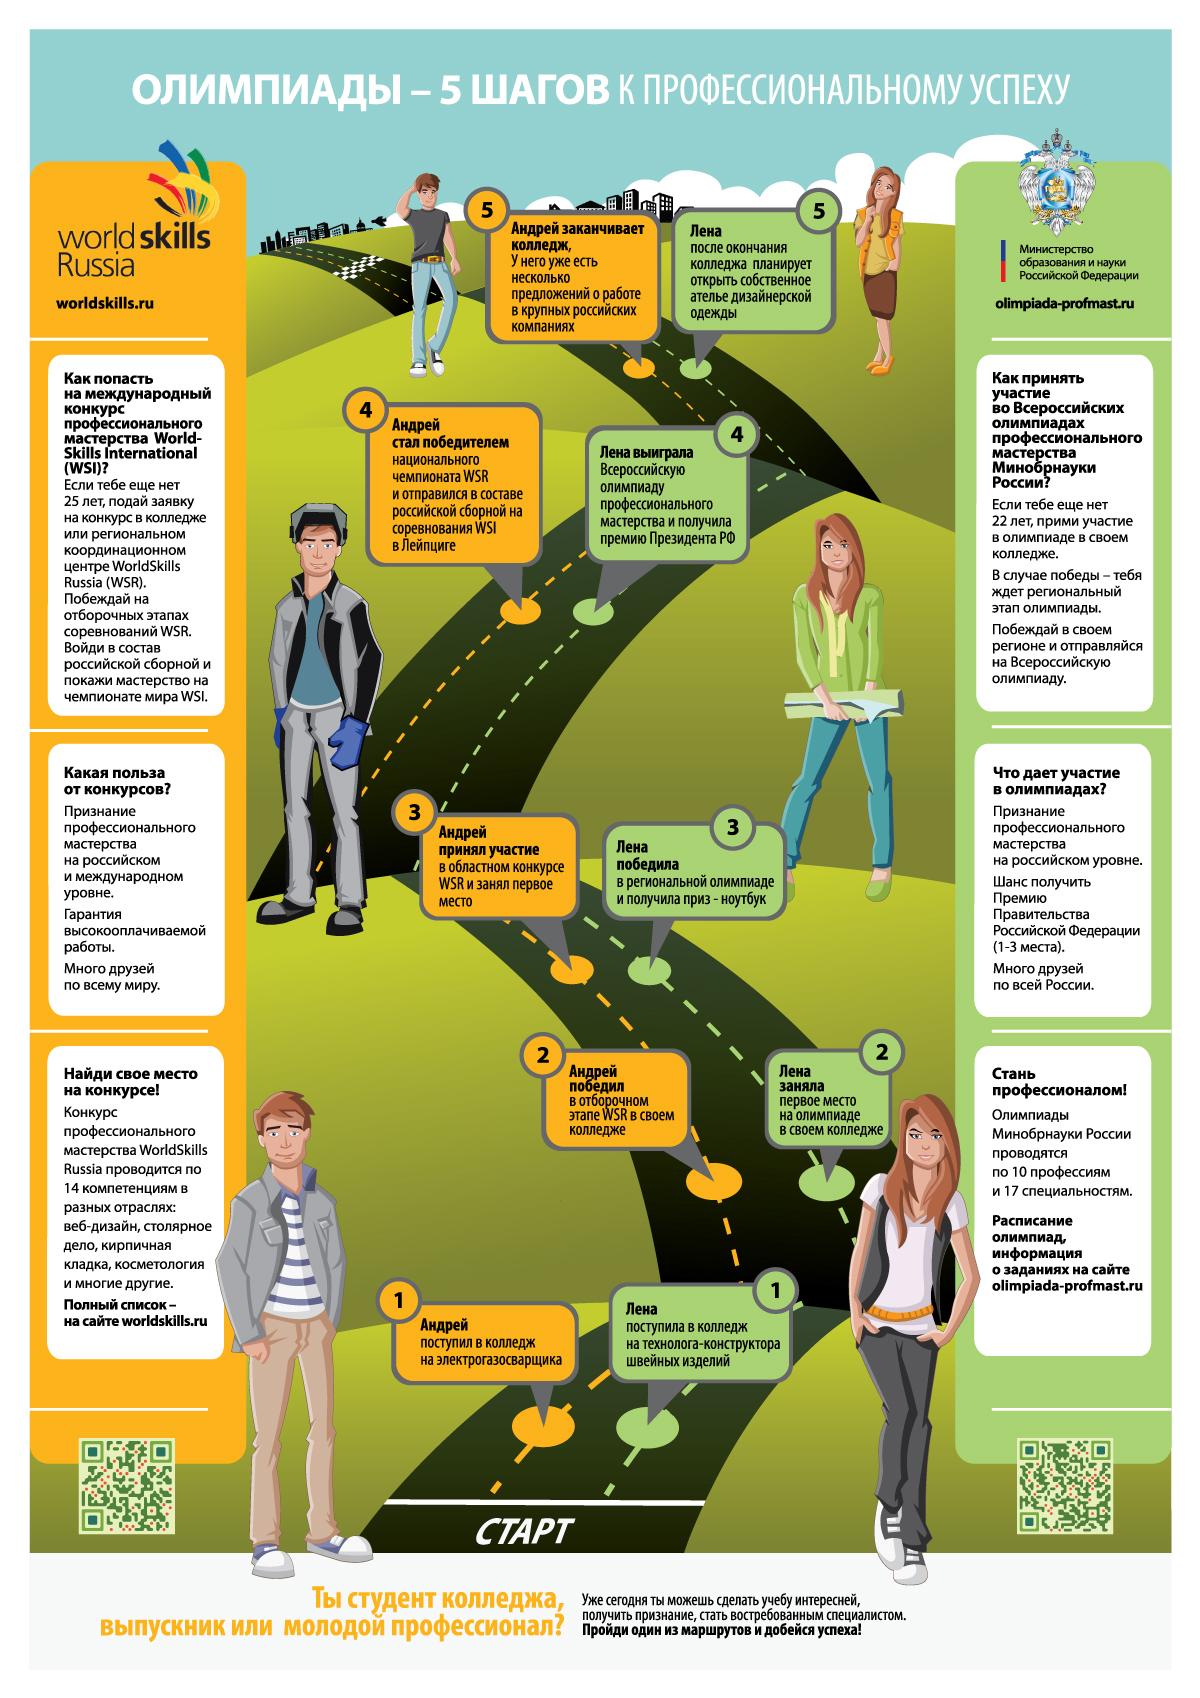 olimp_infographic